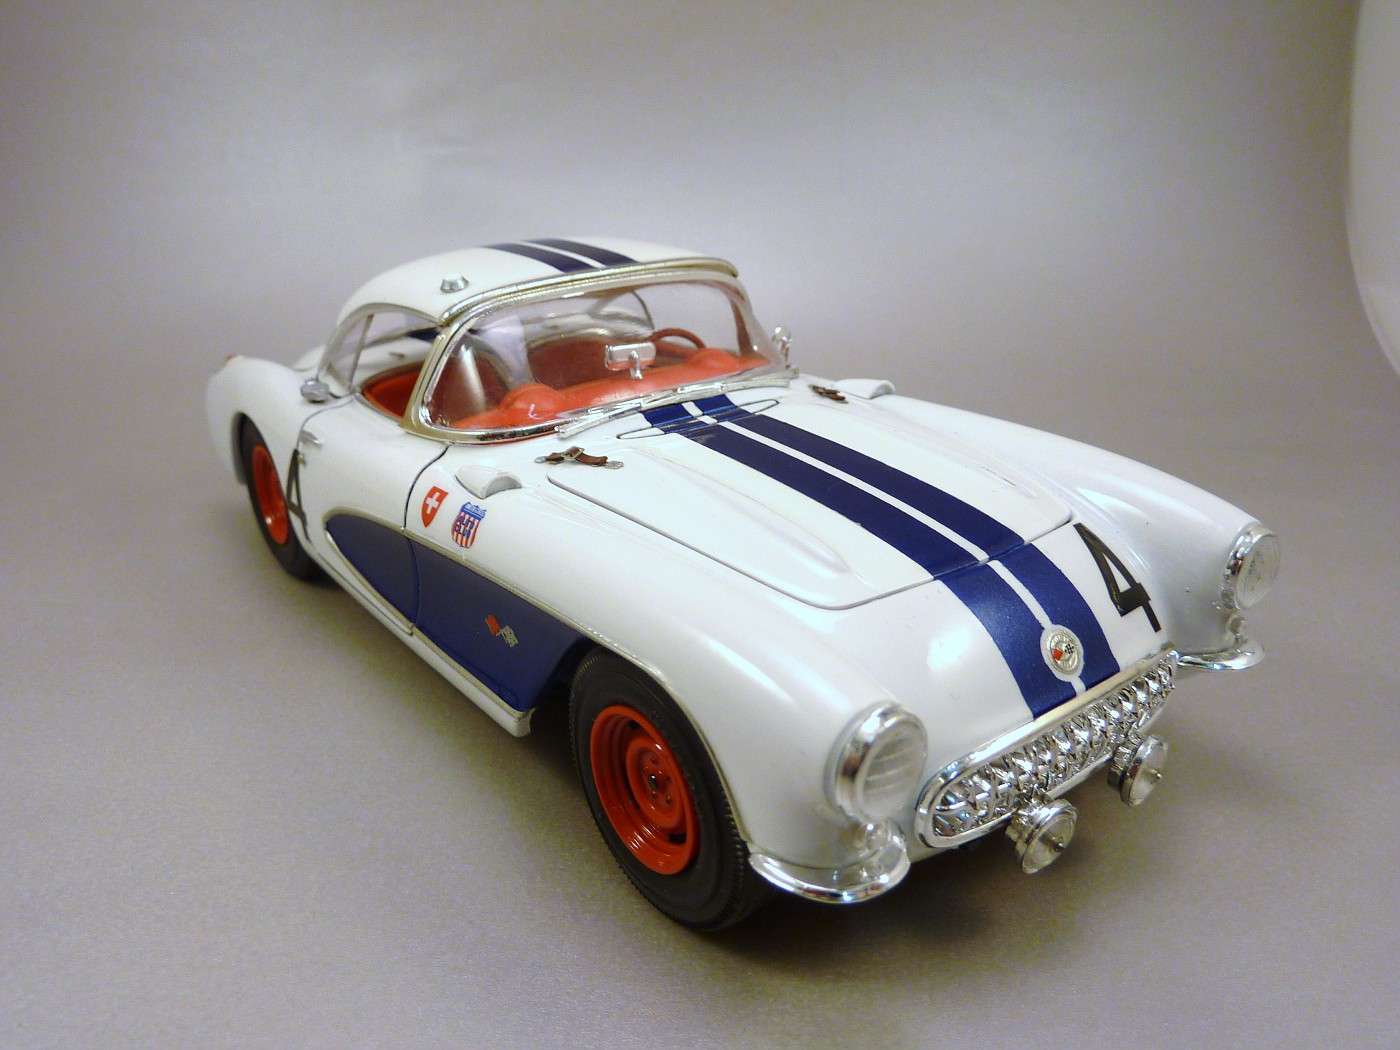 Corvette Sebring 57 terminée  RvetteSebring57DickThompson002-vi